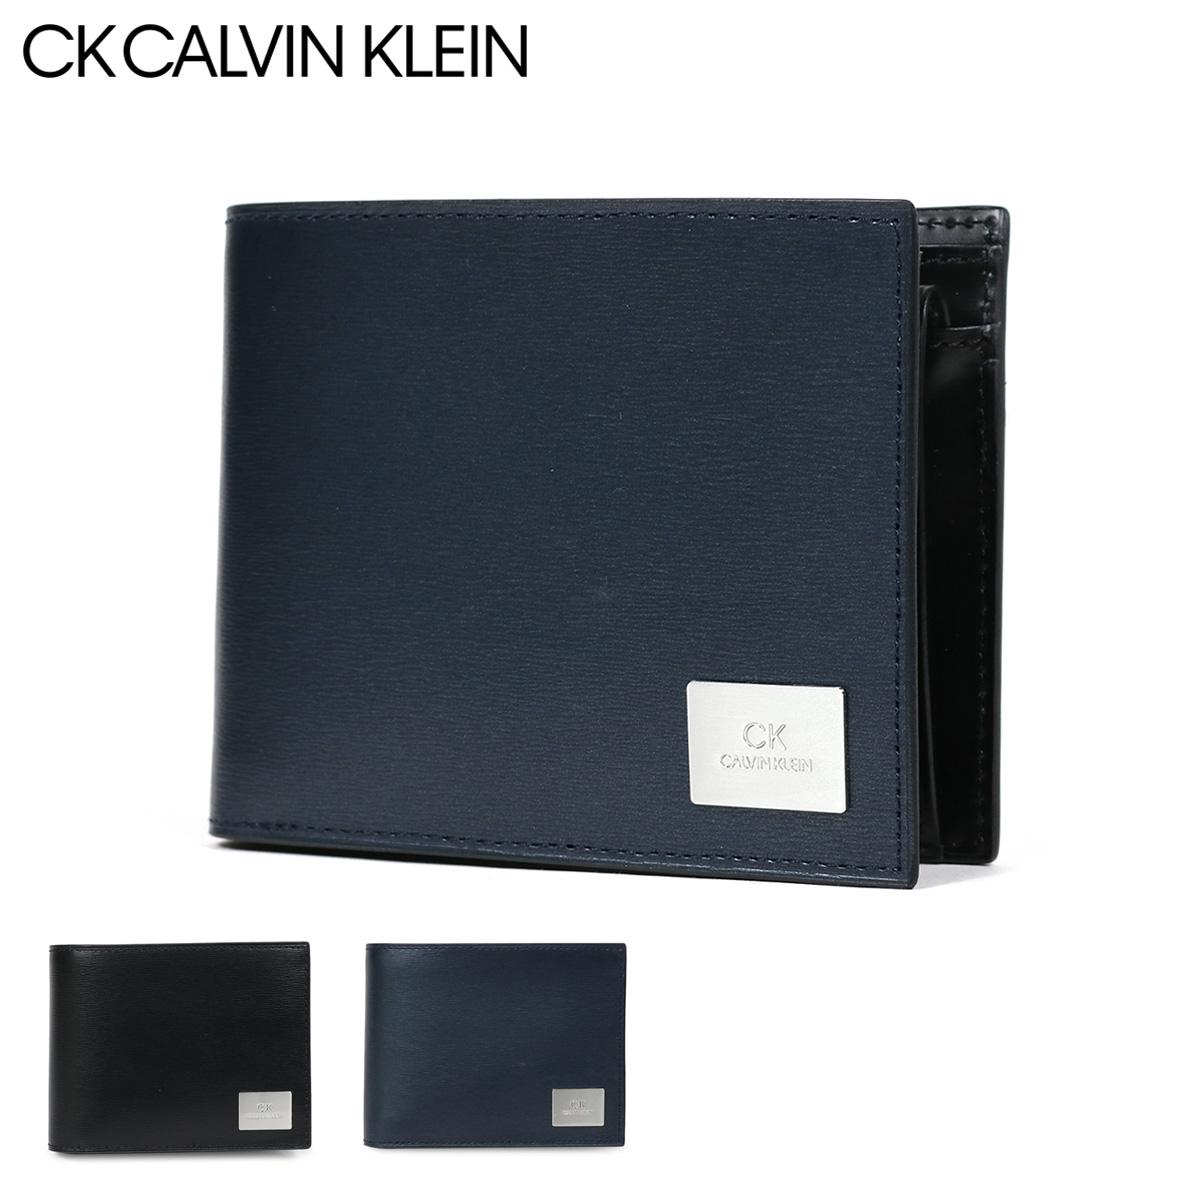 シーケー カルバンクライン 二つ折り財布 レジンII メンズ 826654 CK CALVIN KLEIN | 牛革 本革 レザー ブランド専用BOX付き[bef][PO5][即日発送]